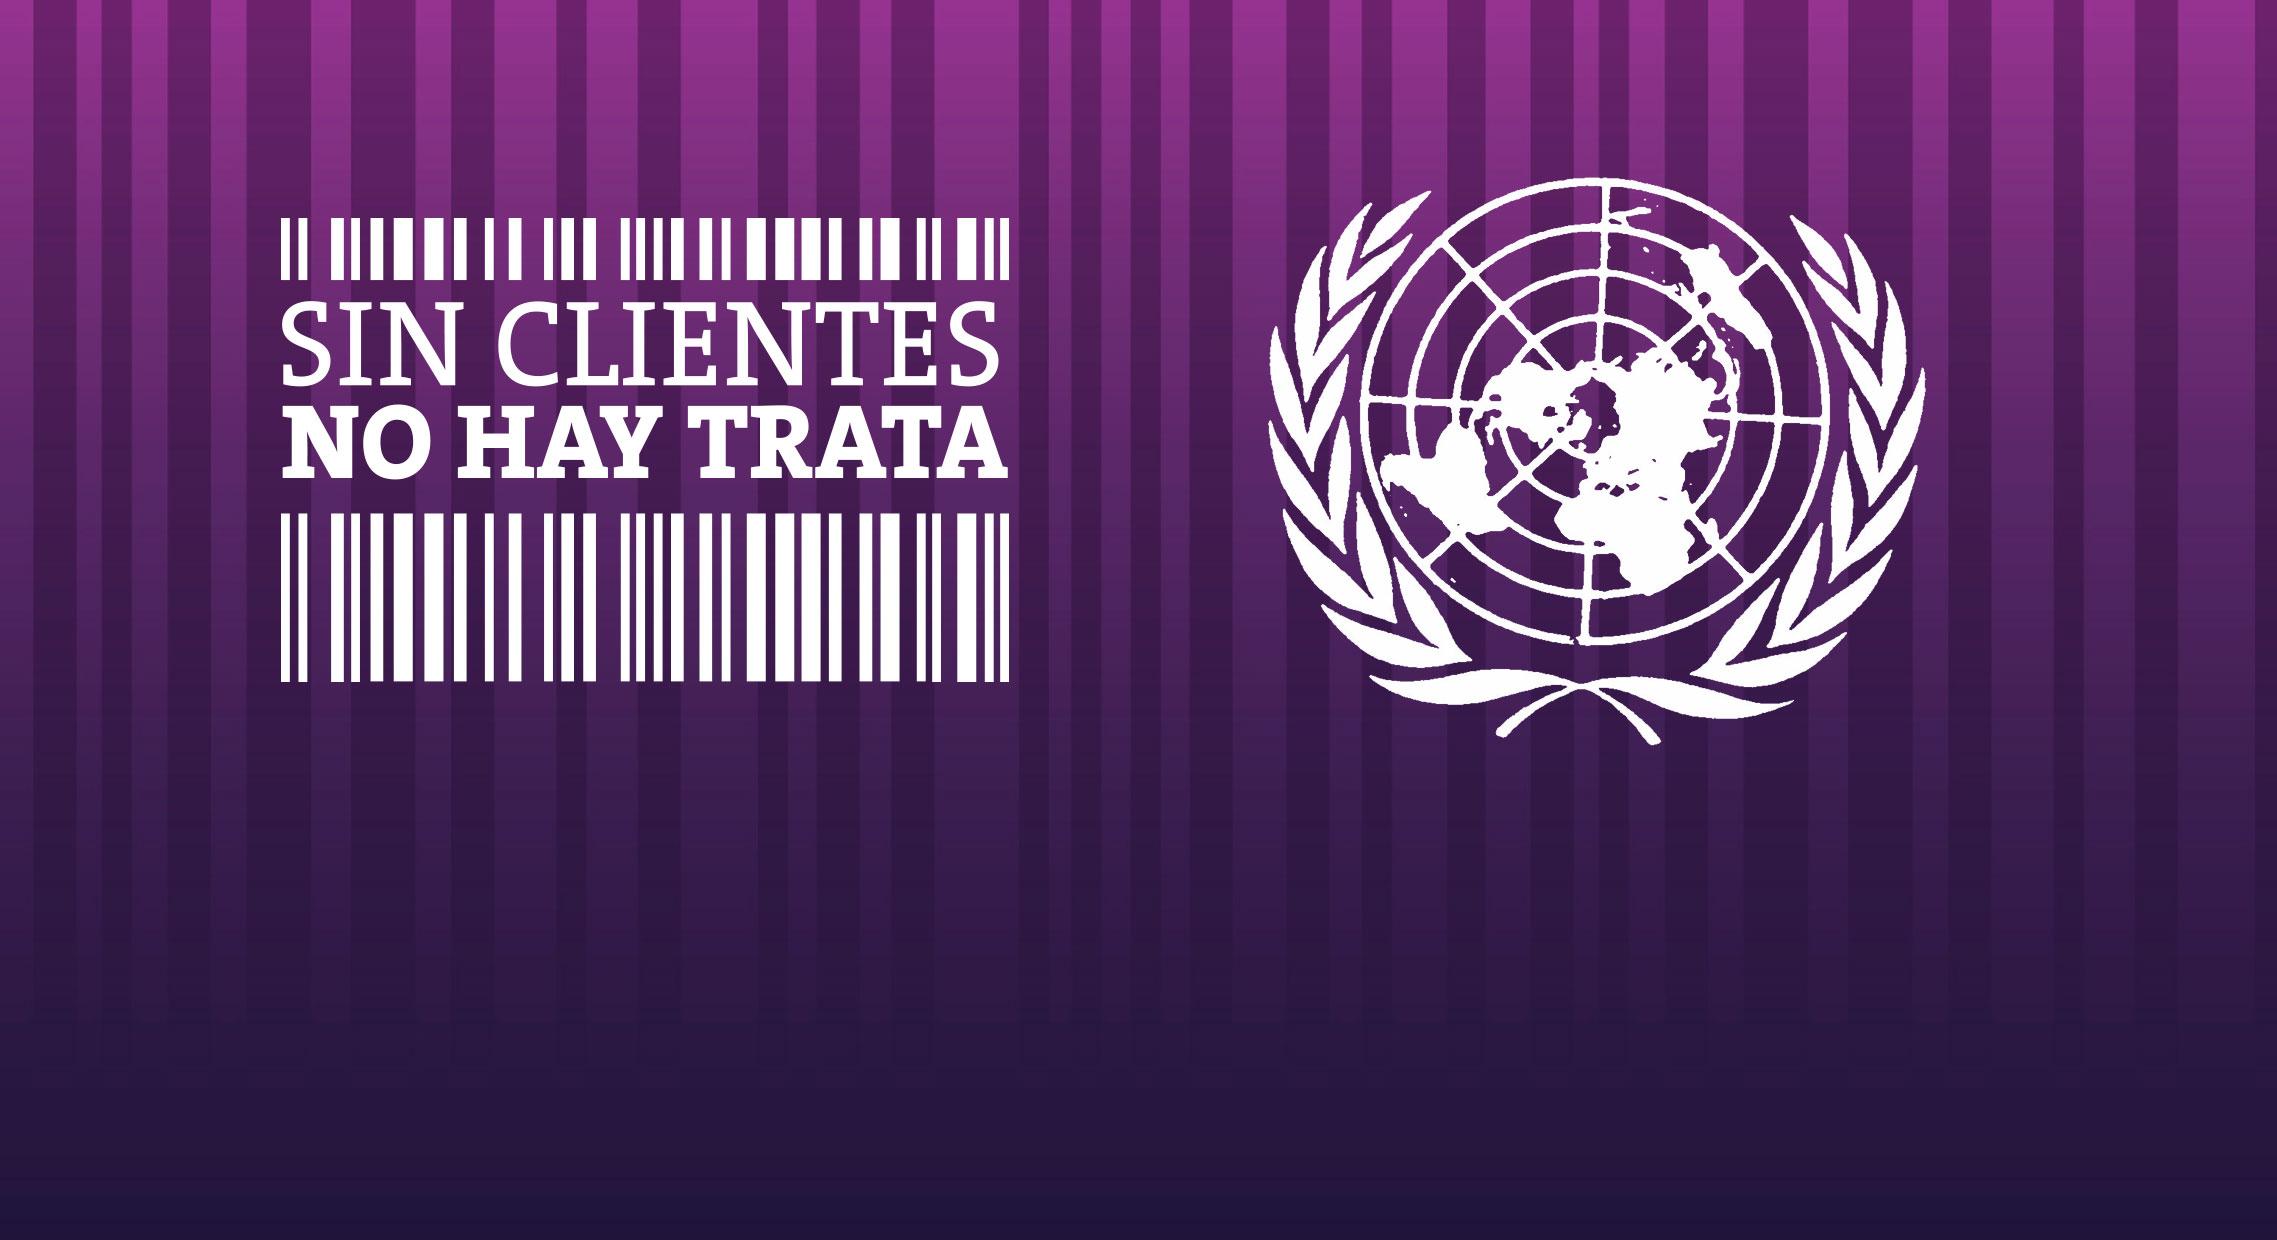 La Argentina expuso en la ONU sobre Trata de Personas